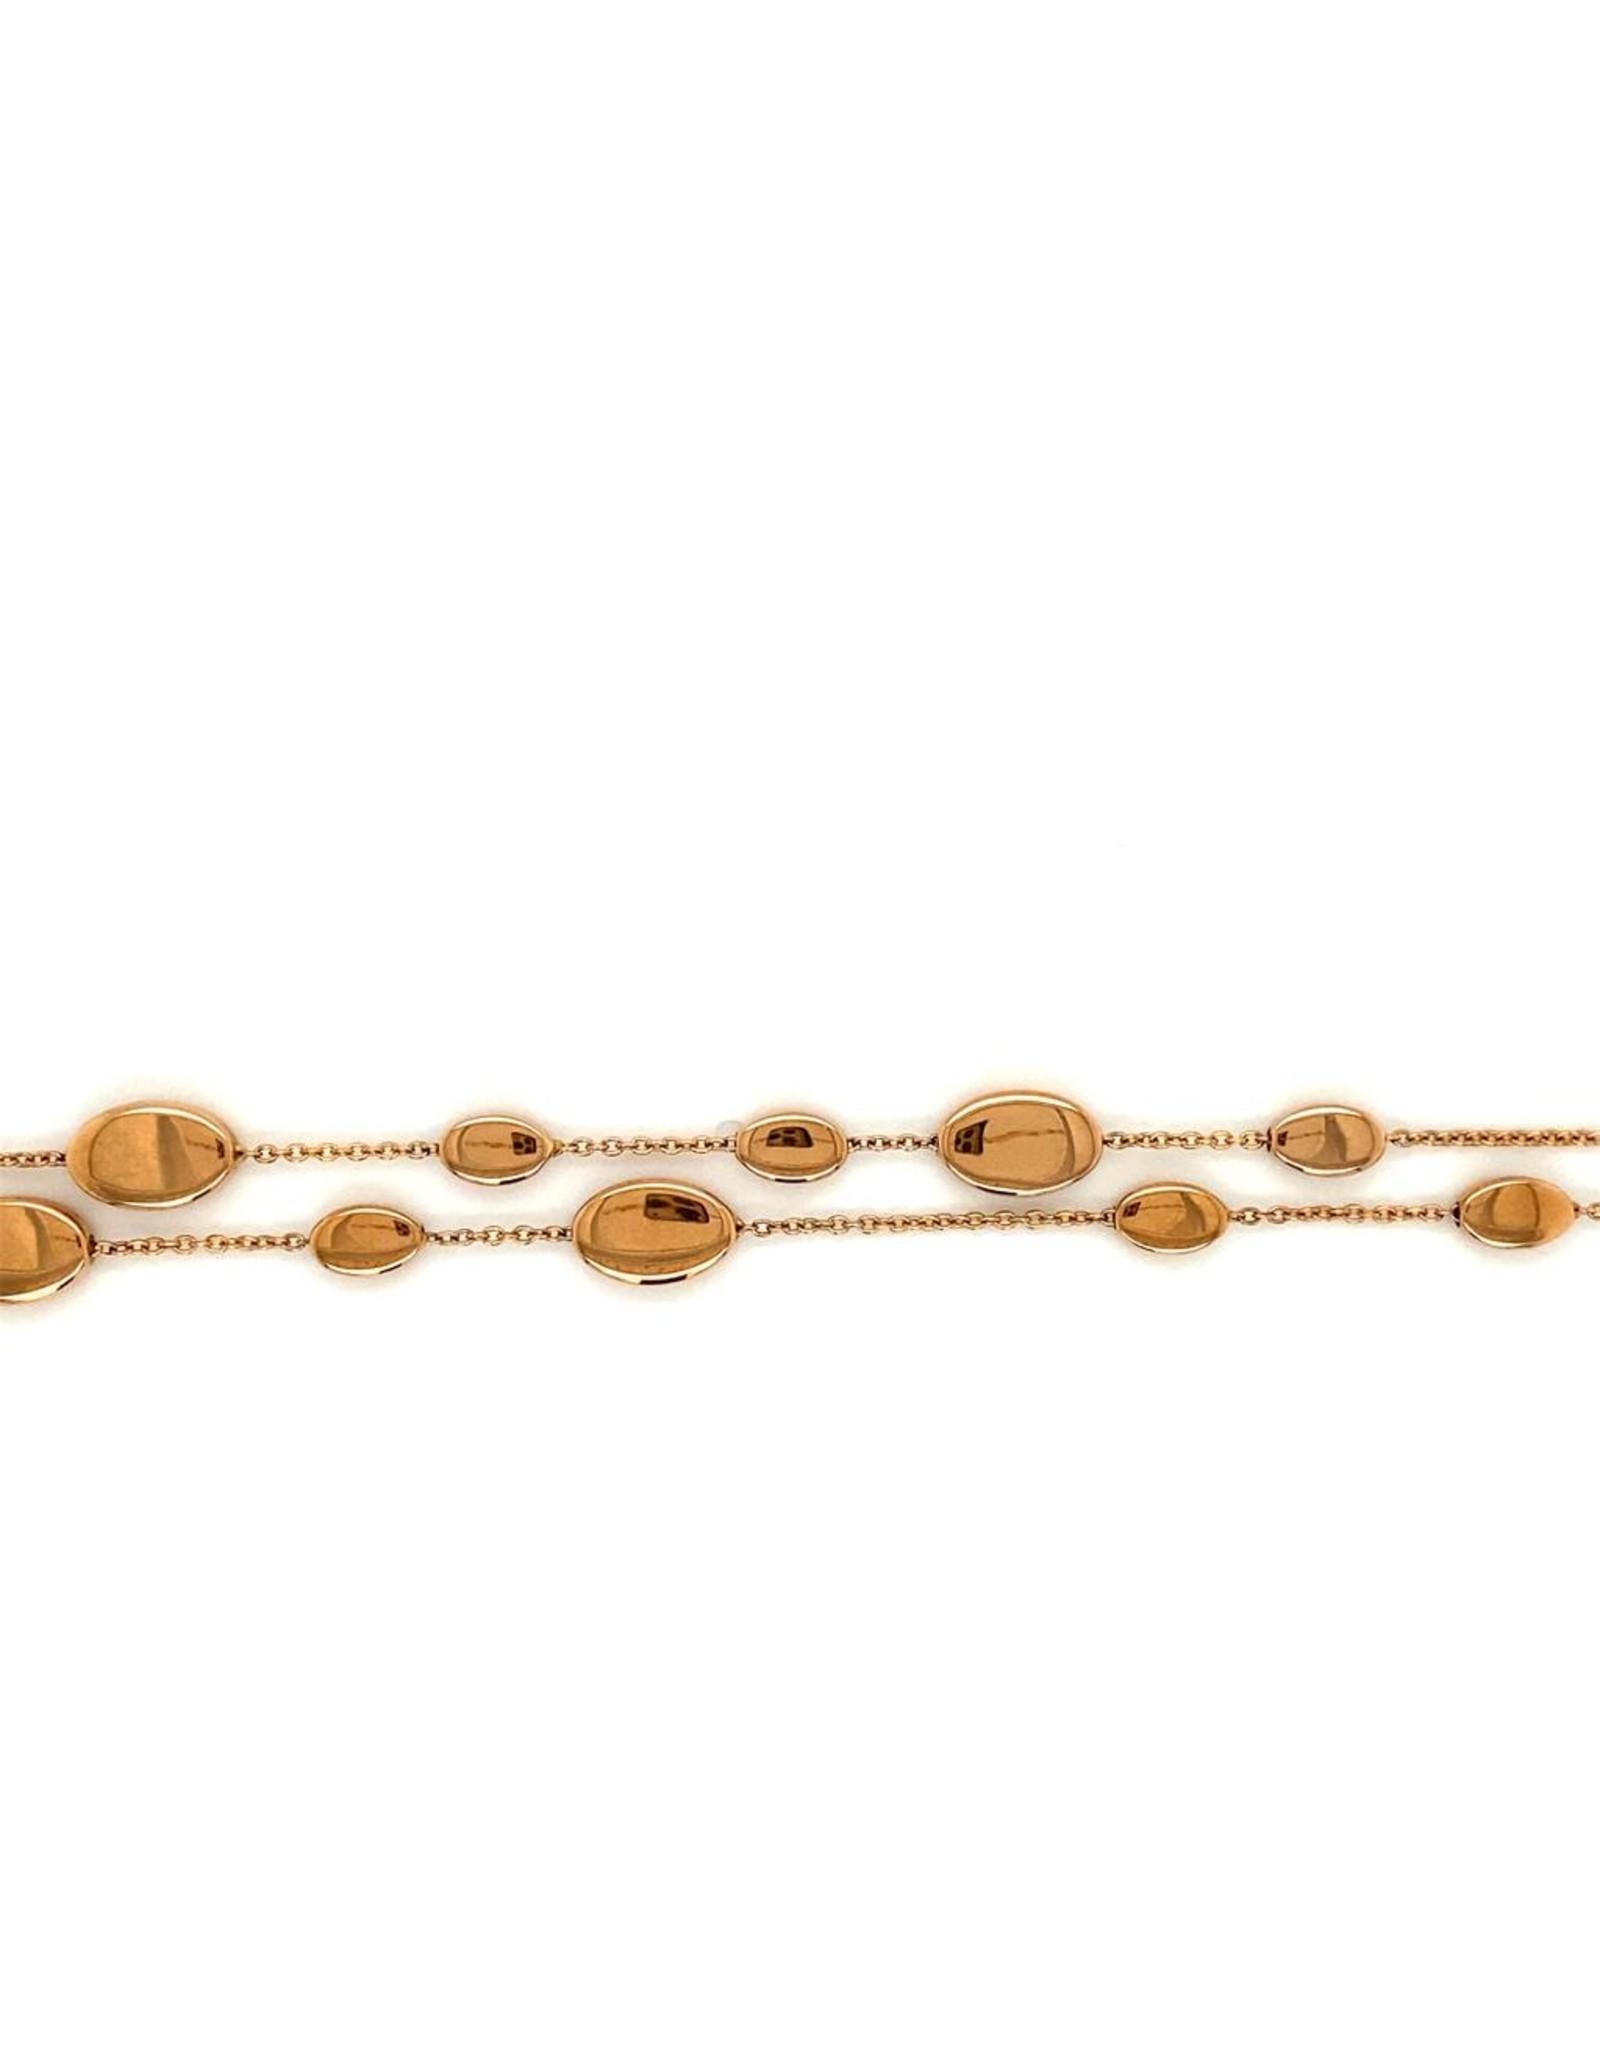 Clioro Armband rood goud 2 rang